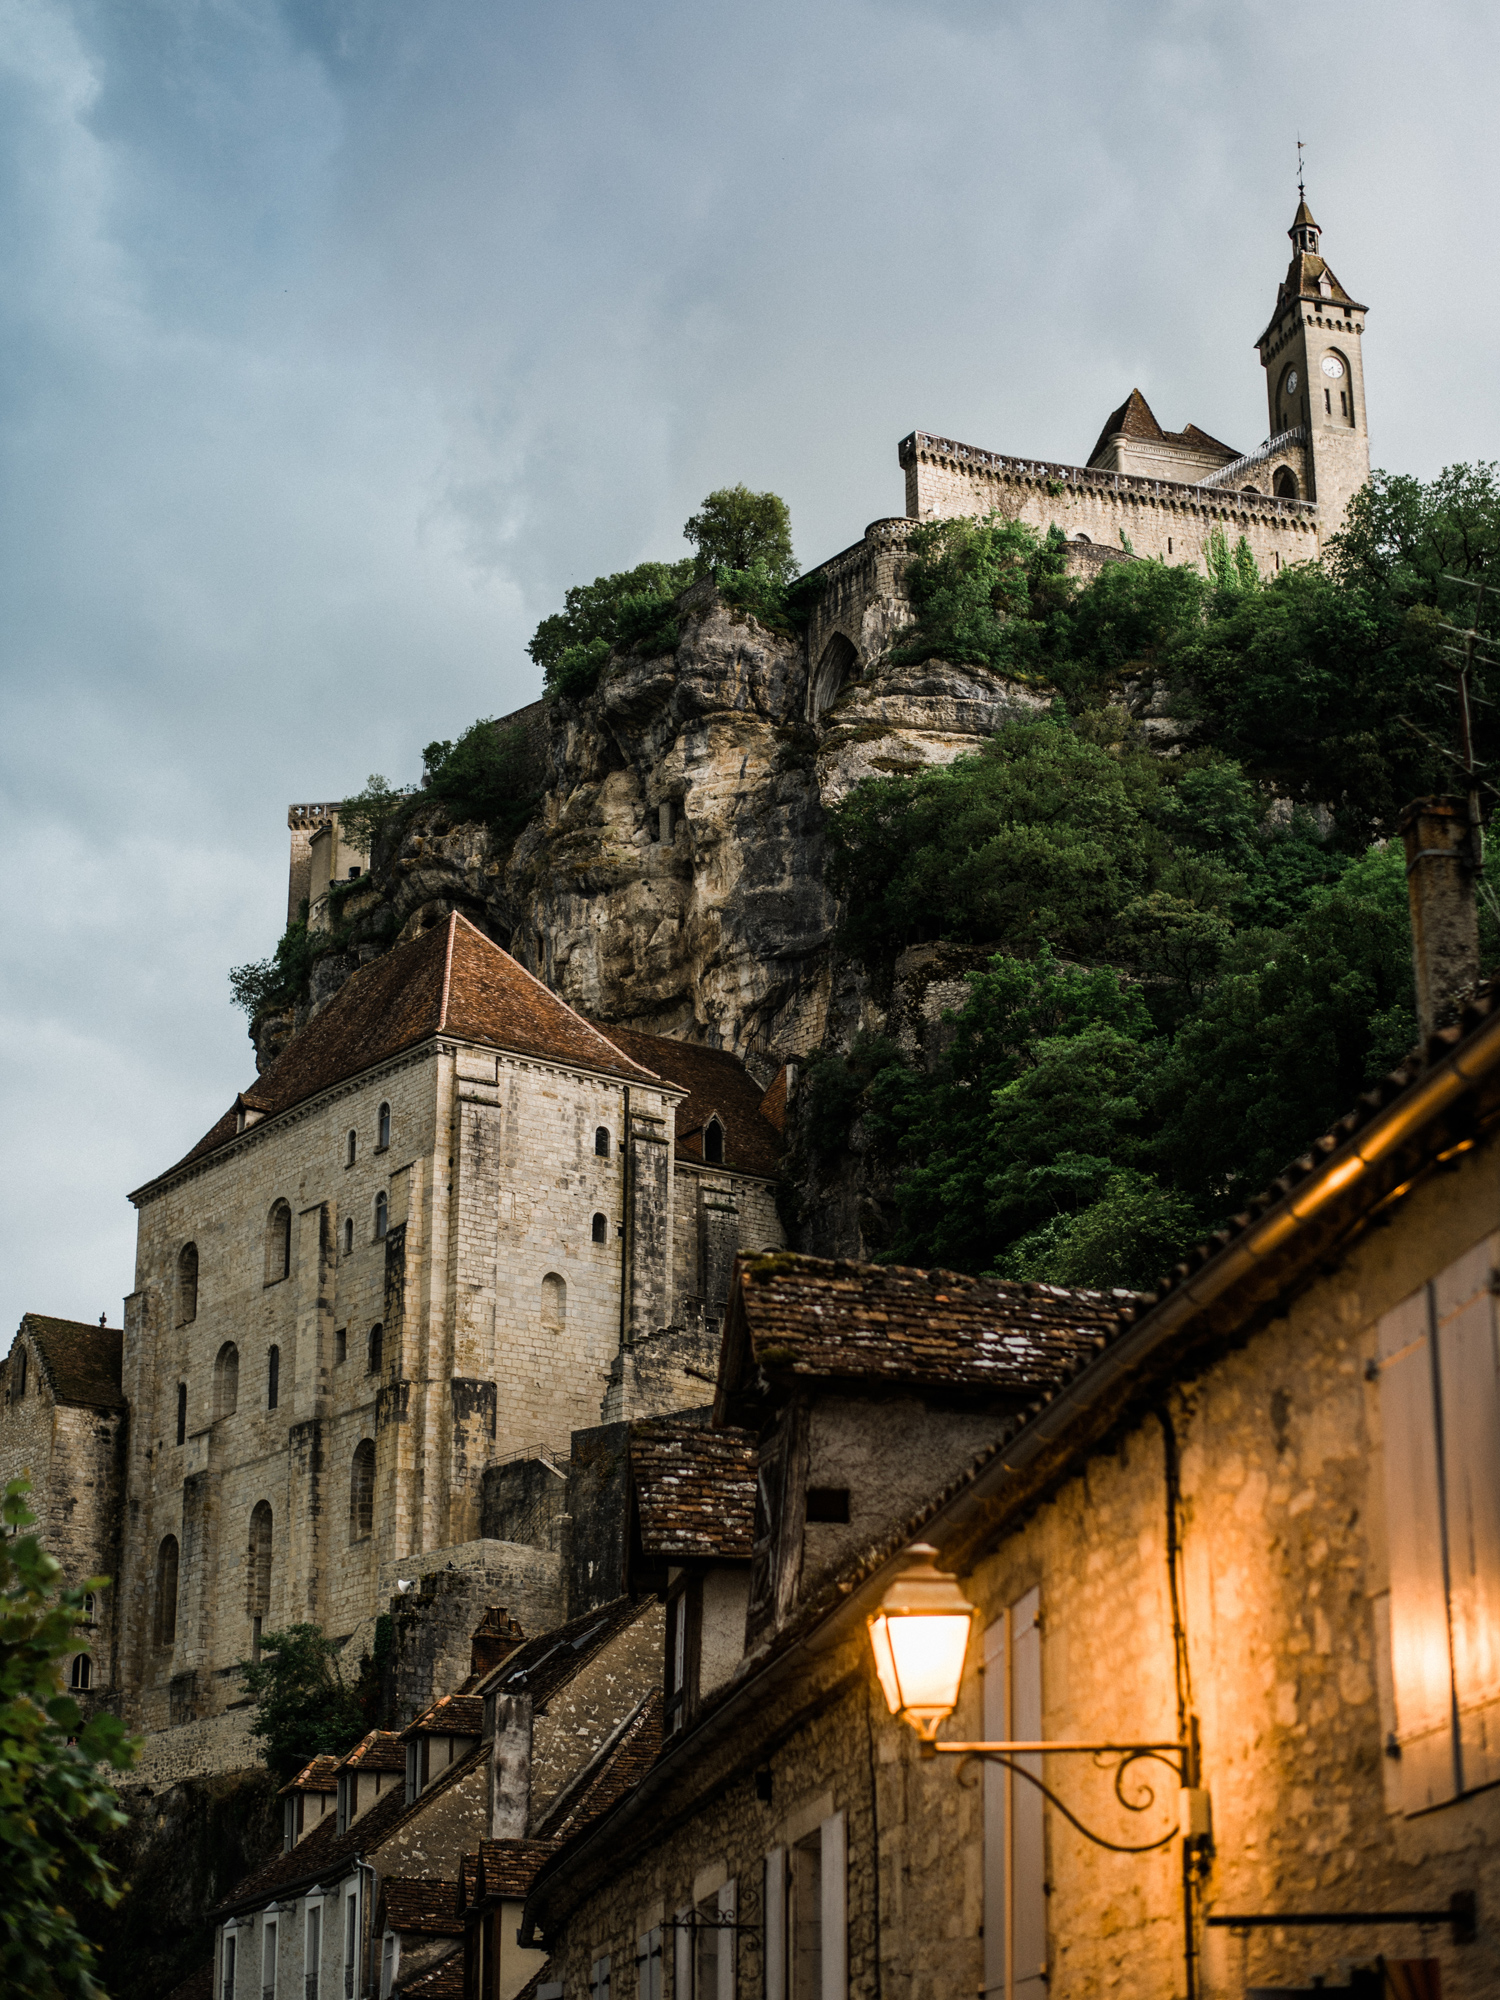 013-french-chateau-destination-wedding-south-france-film-photographer-ryan-flynn.jpg